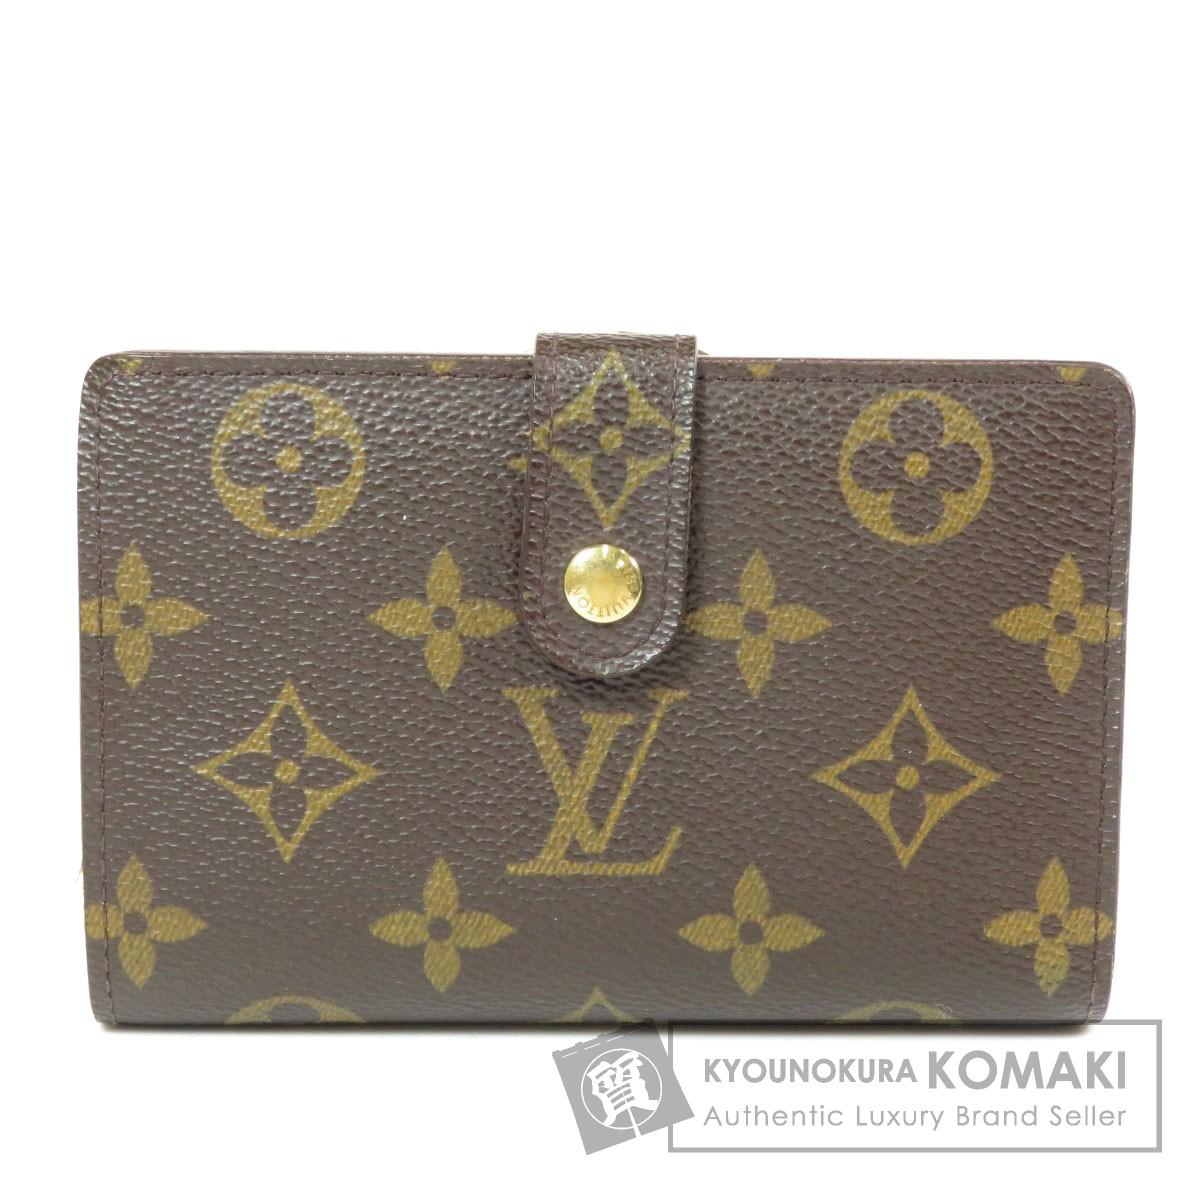 ルイヴィトン M61674 ポルトフォイユ・ヴィエノワ 旧 二つ折り財布(小銭入れあり) モノグラムキャンバス ユニセックス 【中古】【LOUIS VUITTON】